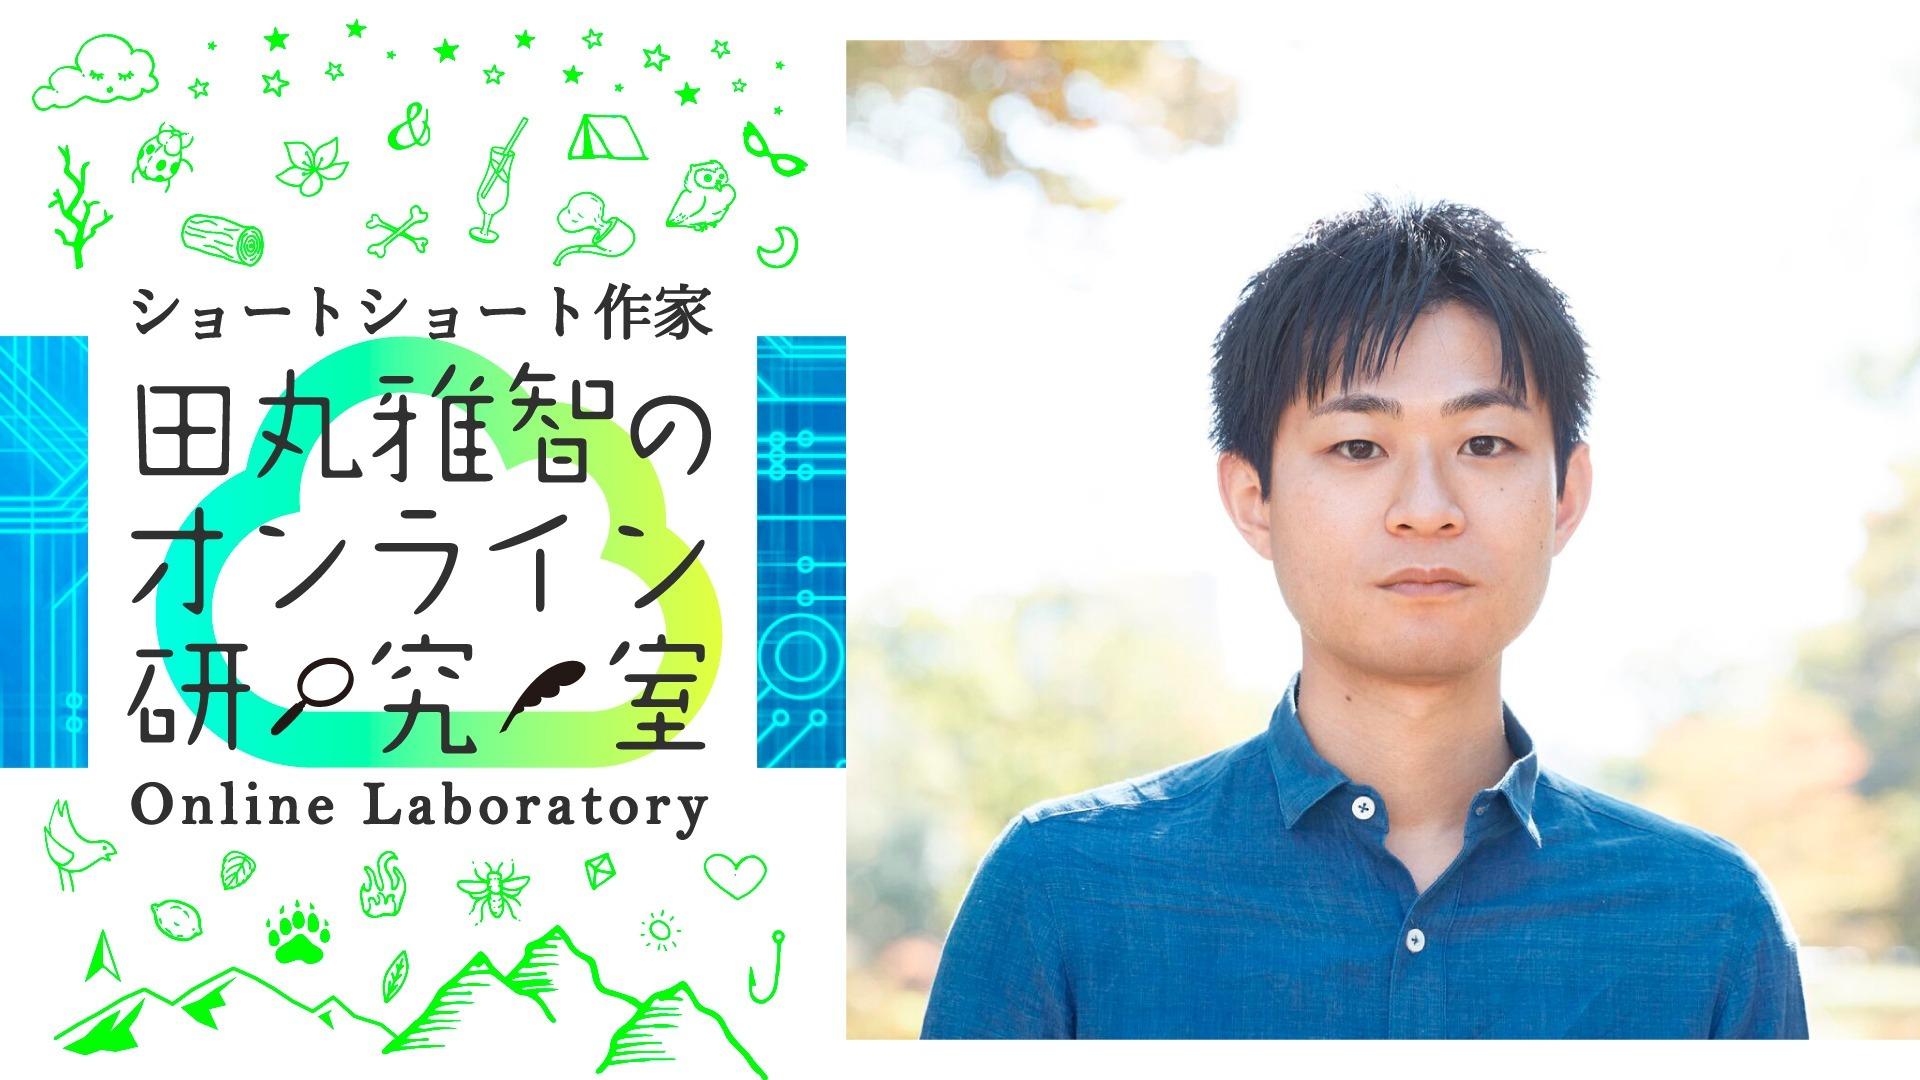 ショートショート作家・田丸雅智のオンライン研究室